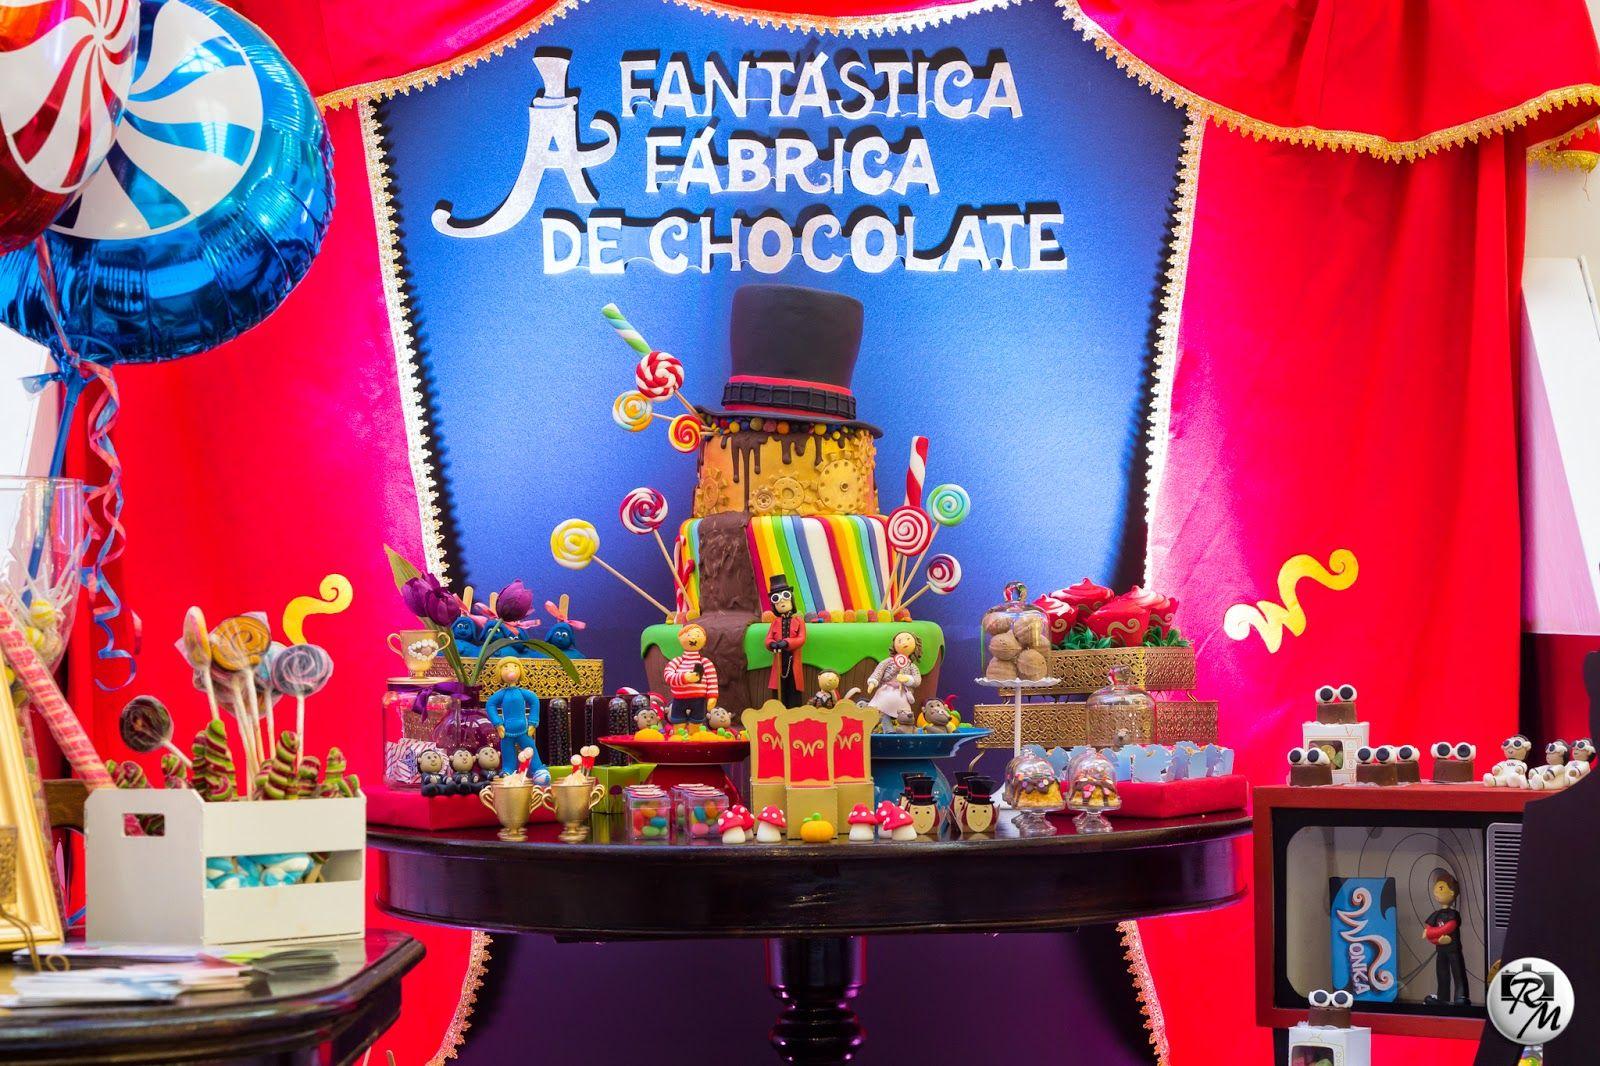 Aniversario A Fantastica Fabrica De Chocolate Pesquisa Google